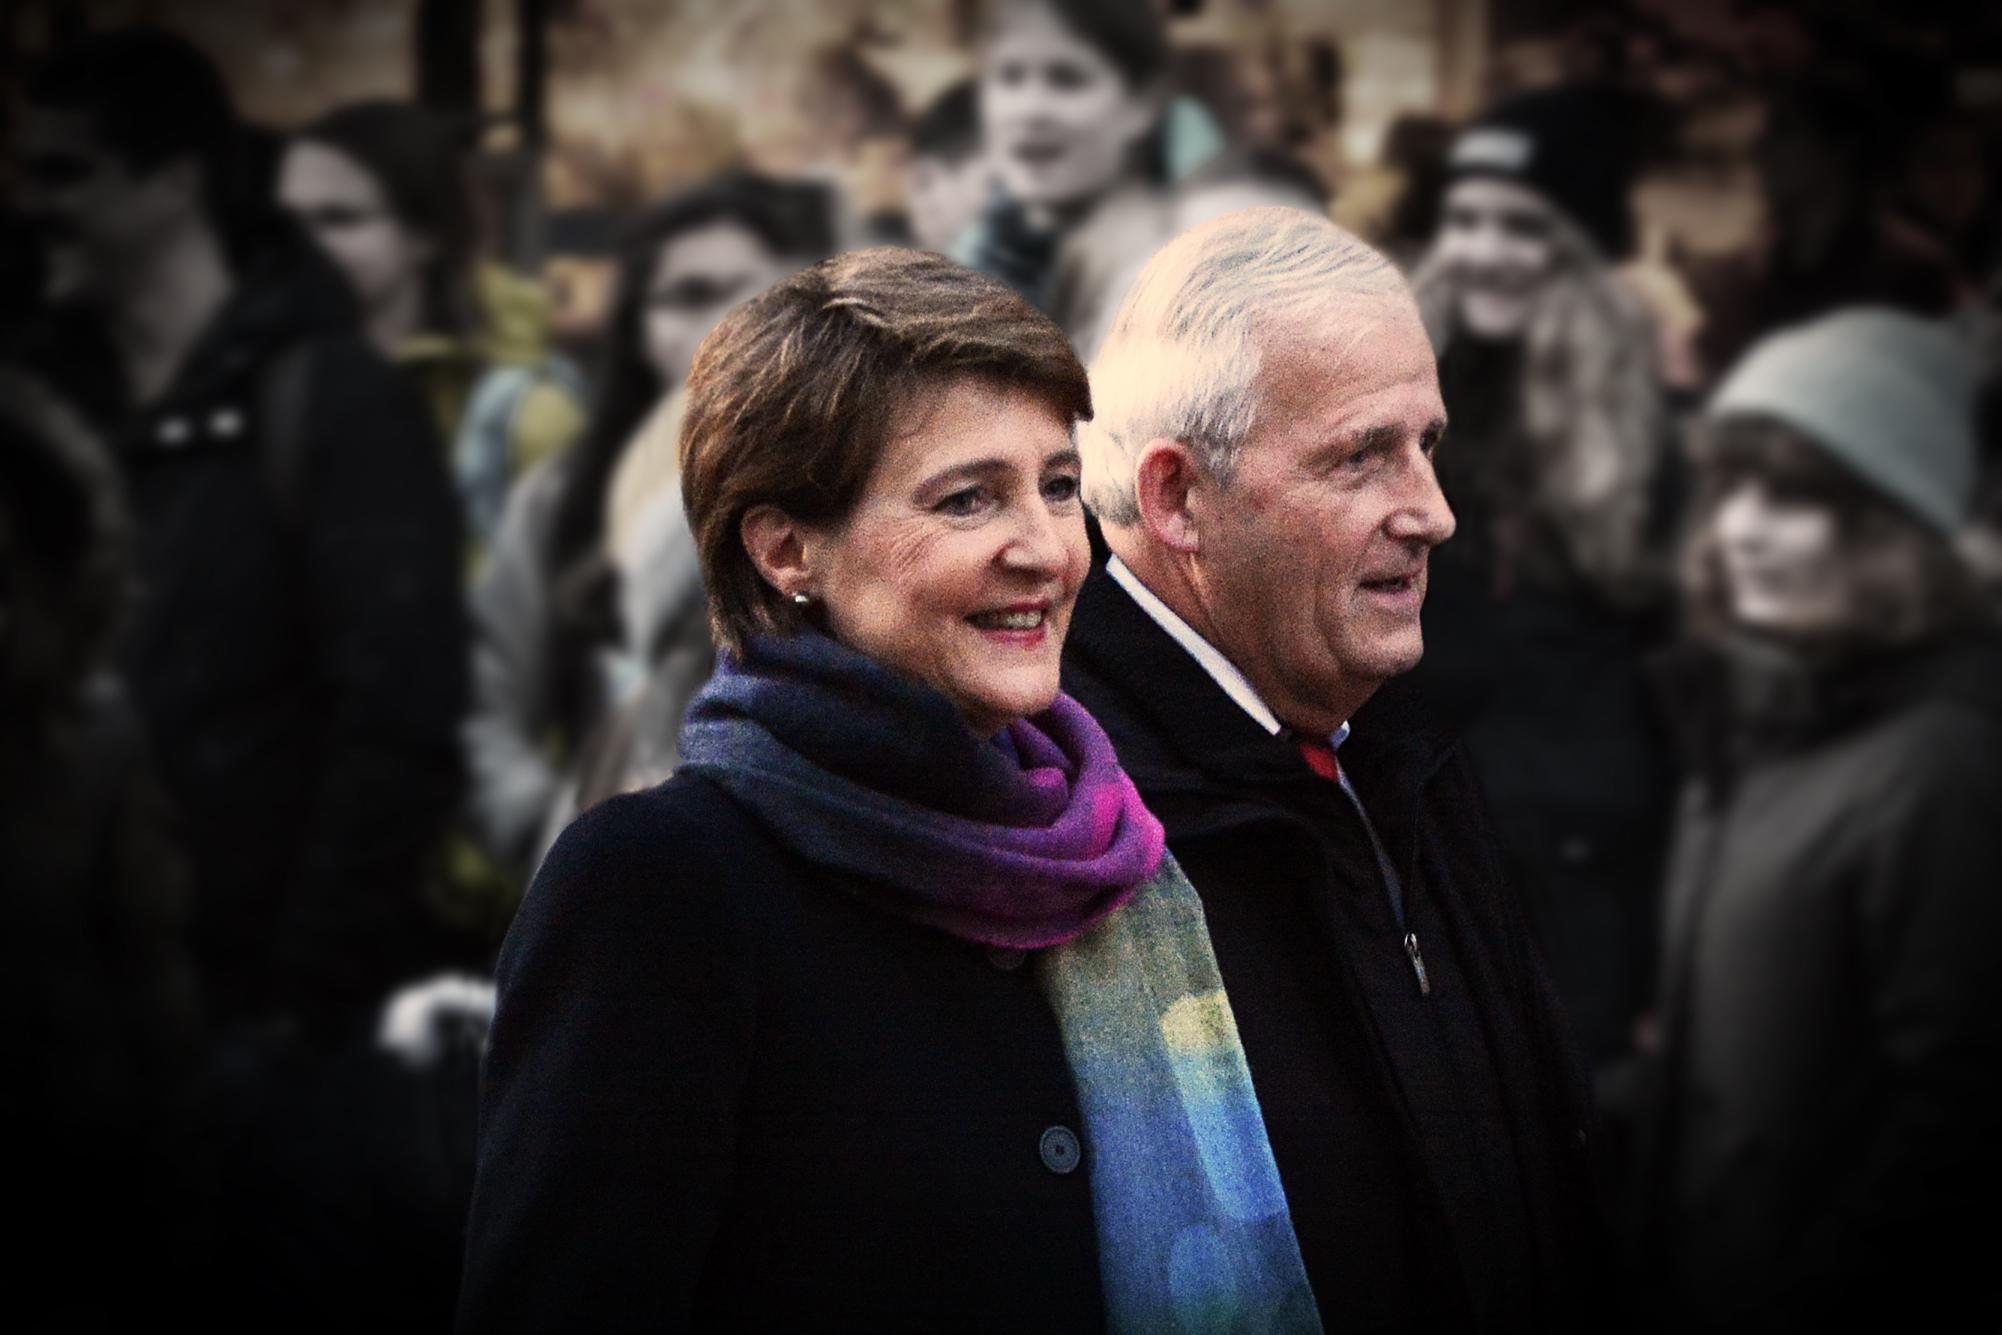 Simonetta Sommaruga und Hans Stöckli auf dem Weg in die Altstadt